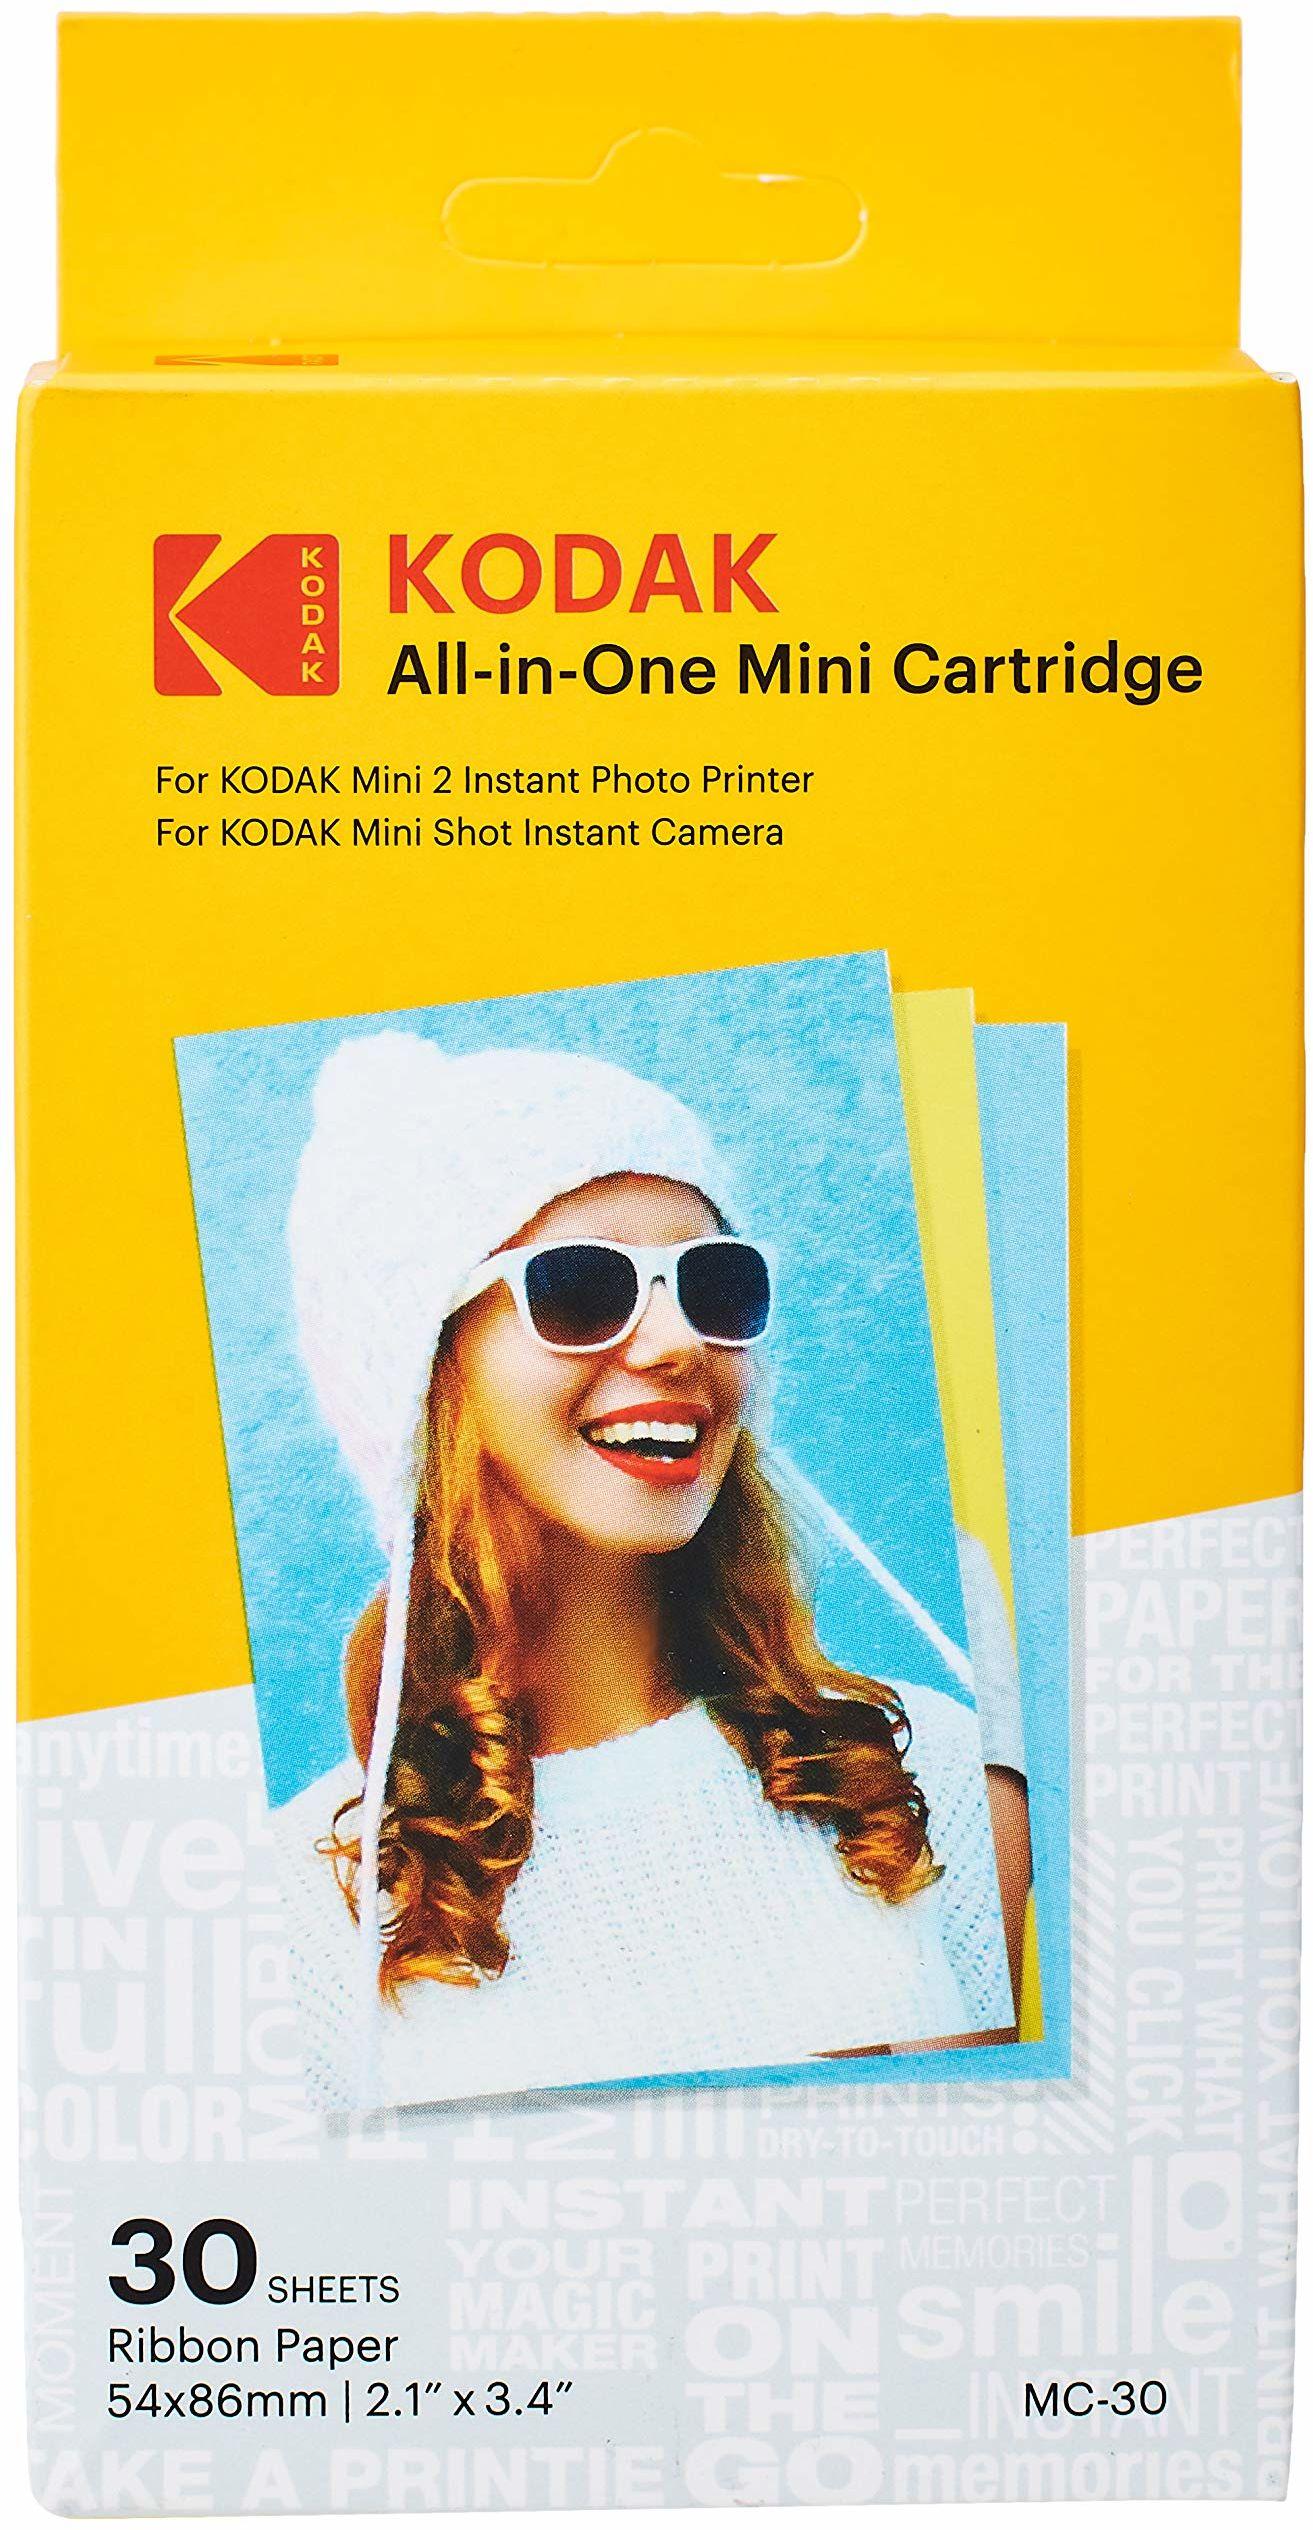 Kodak Mini 2 wkład do drukarki fotograficznej MC wszystko w jednym papierze i kolorowy wkład atramentowy  kompatybilny z mini kamerą strzelania, mini 2 drukarki (nie oryginalny mini) 30 sztuk